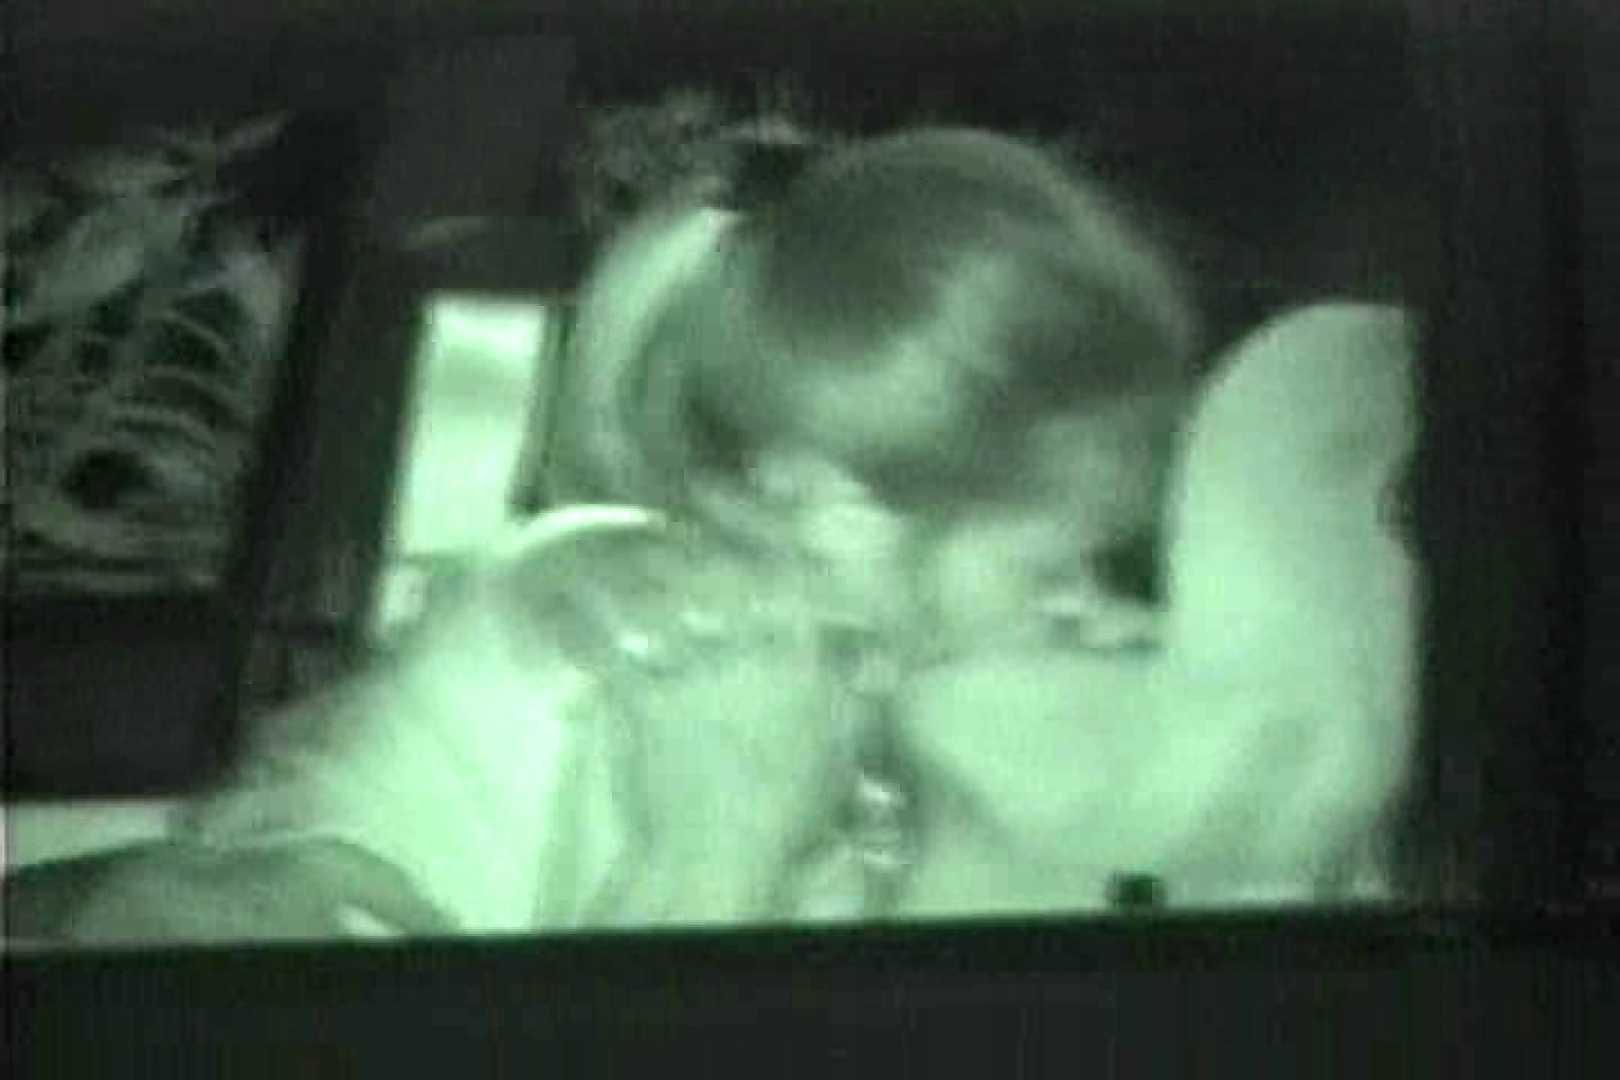 車の中はラブホテル 無修正版  Vol.9 ホテルでエッチ 盗撮オマンコ無修正動画無料 58pic 28